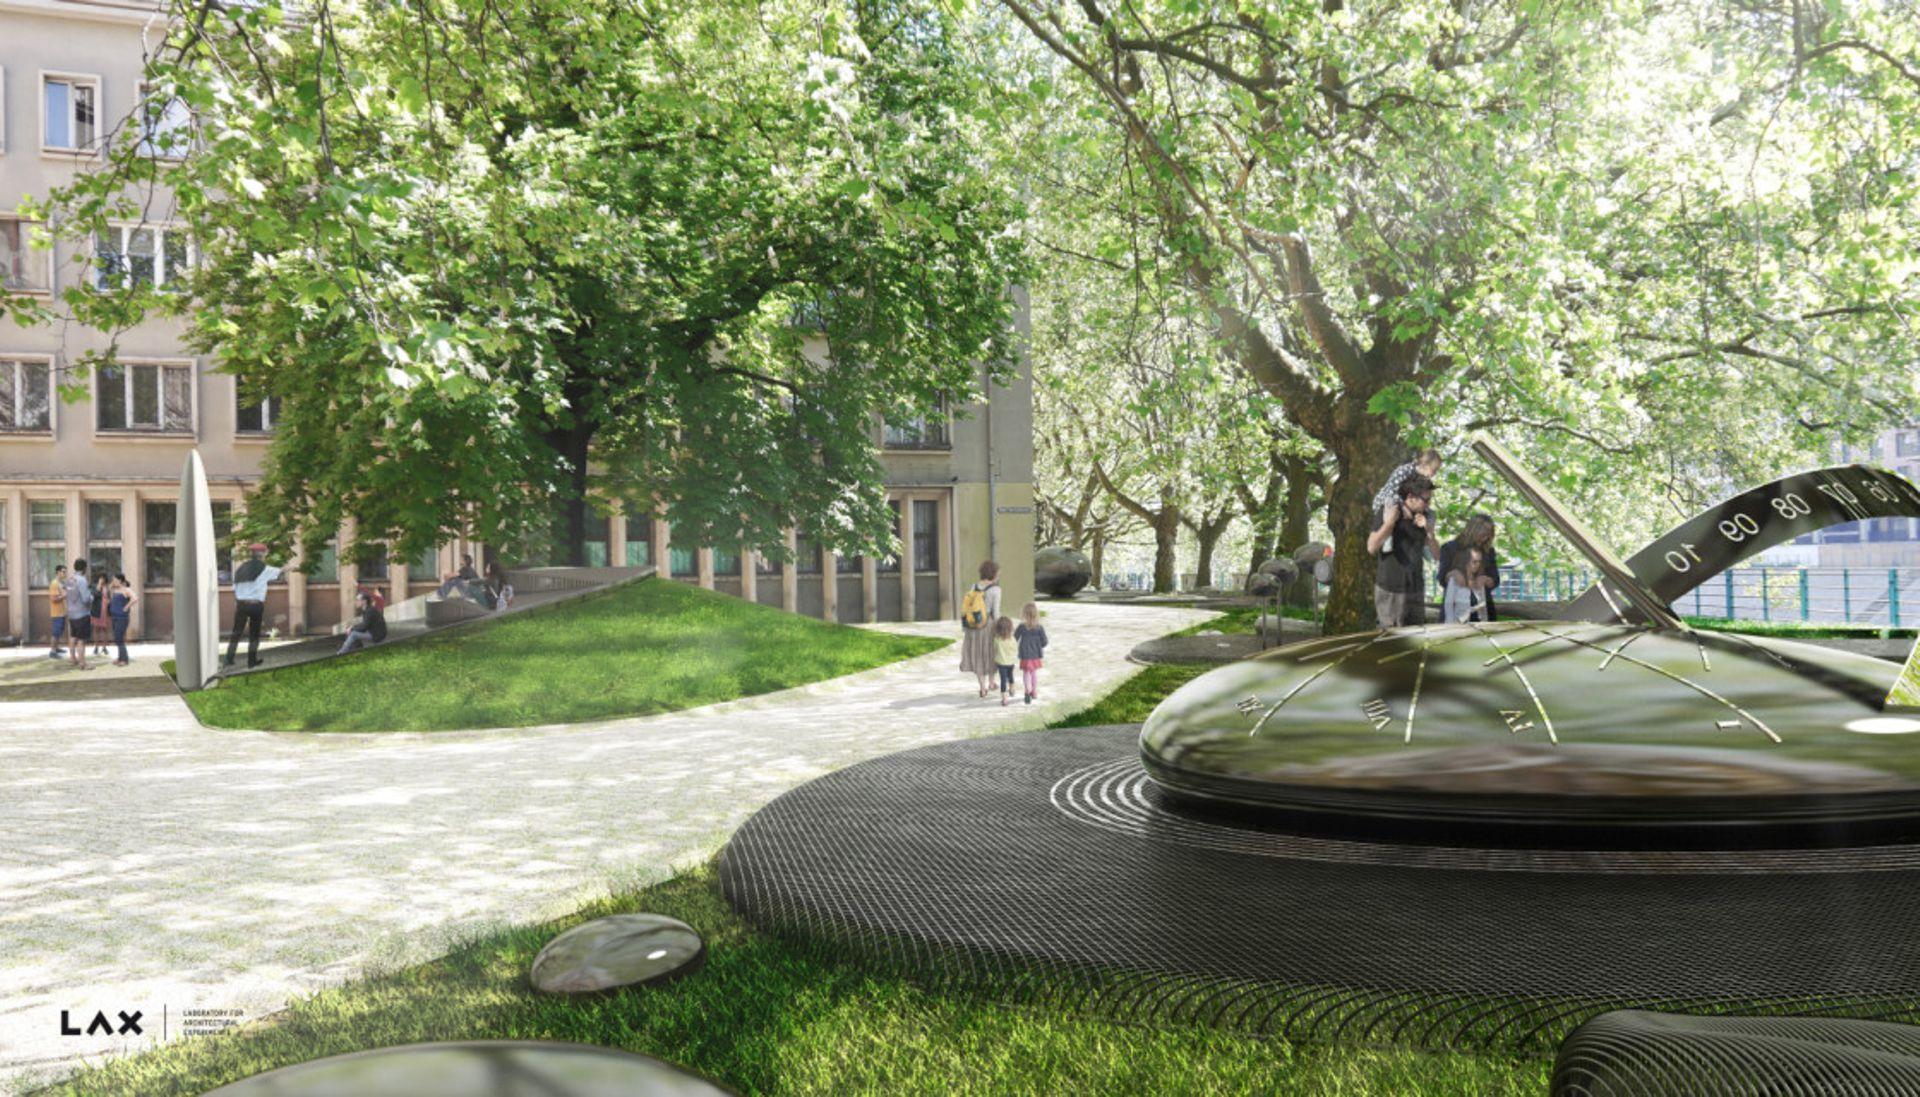 Uniwersytet Wrocławski nie rezygnuje z rozbudowy Bulwaru Fizyków nad Odrą